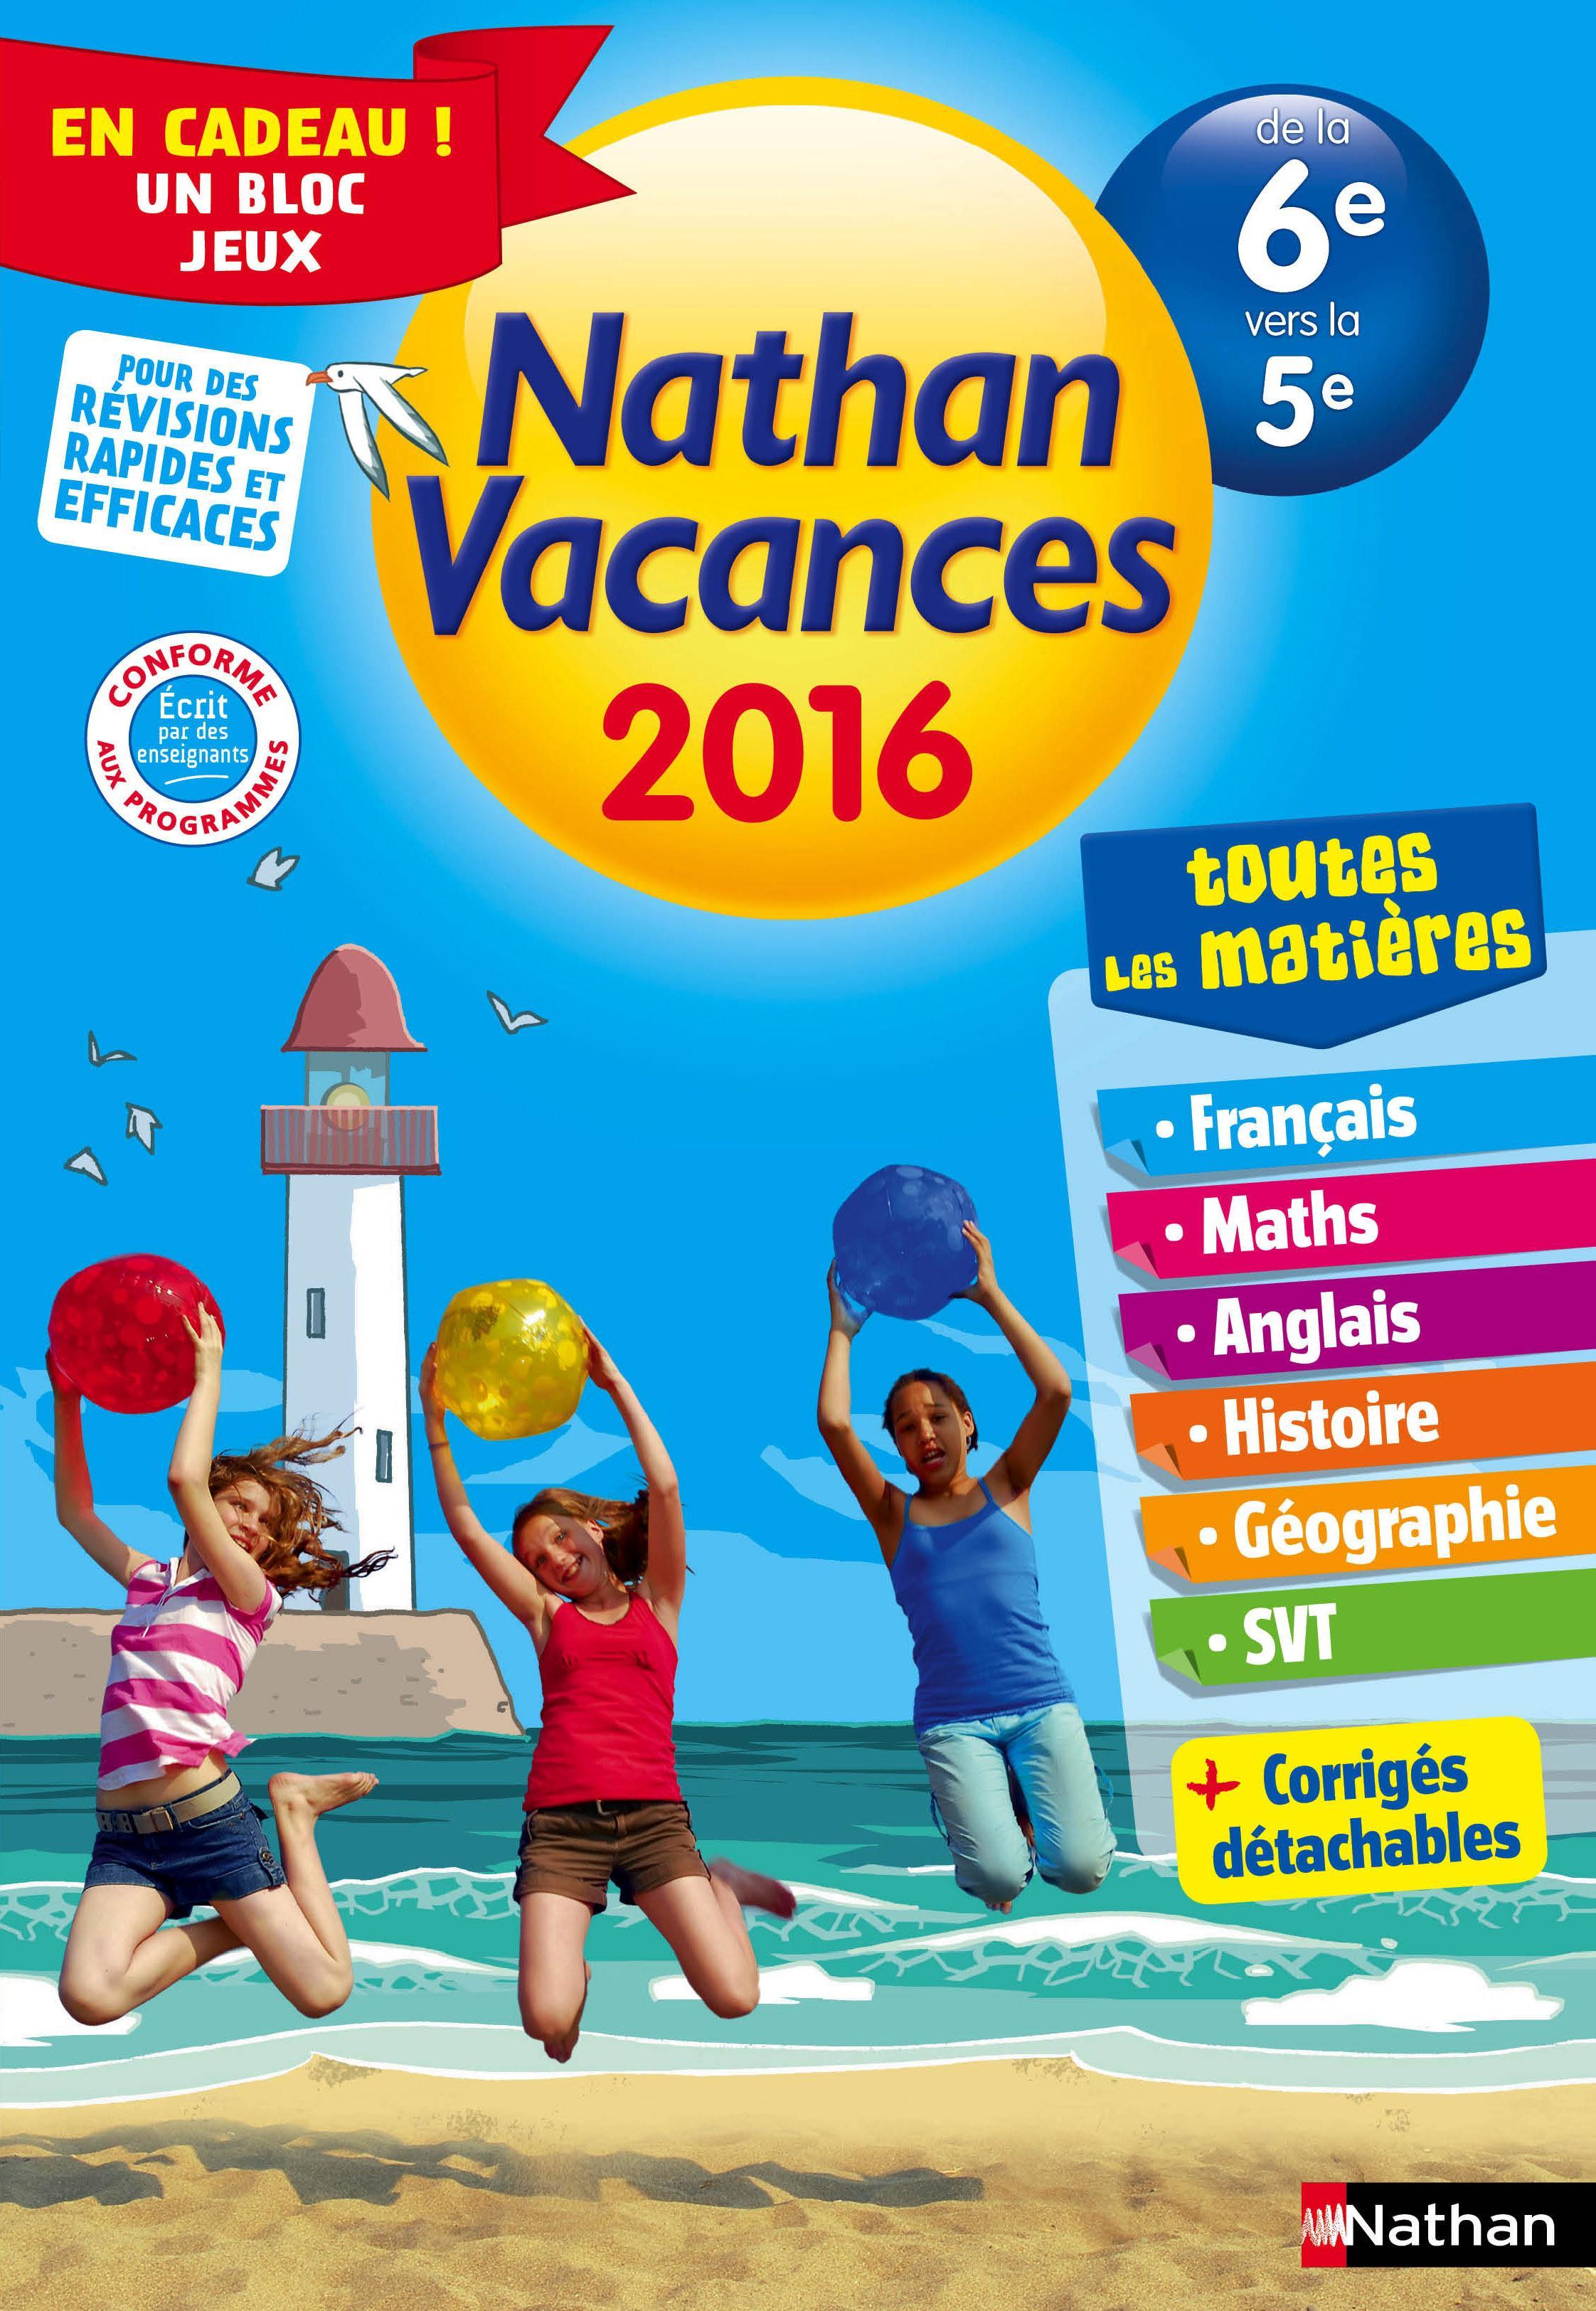 Nathan Vacances De La 6eme Vers La 5eme Toutes Les